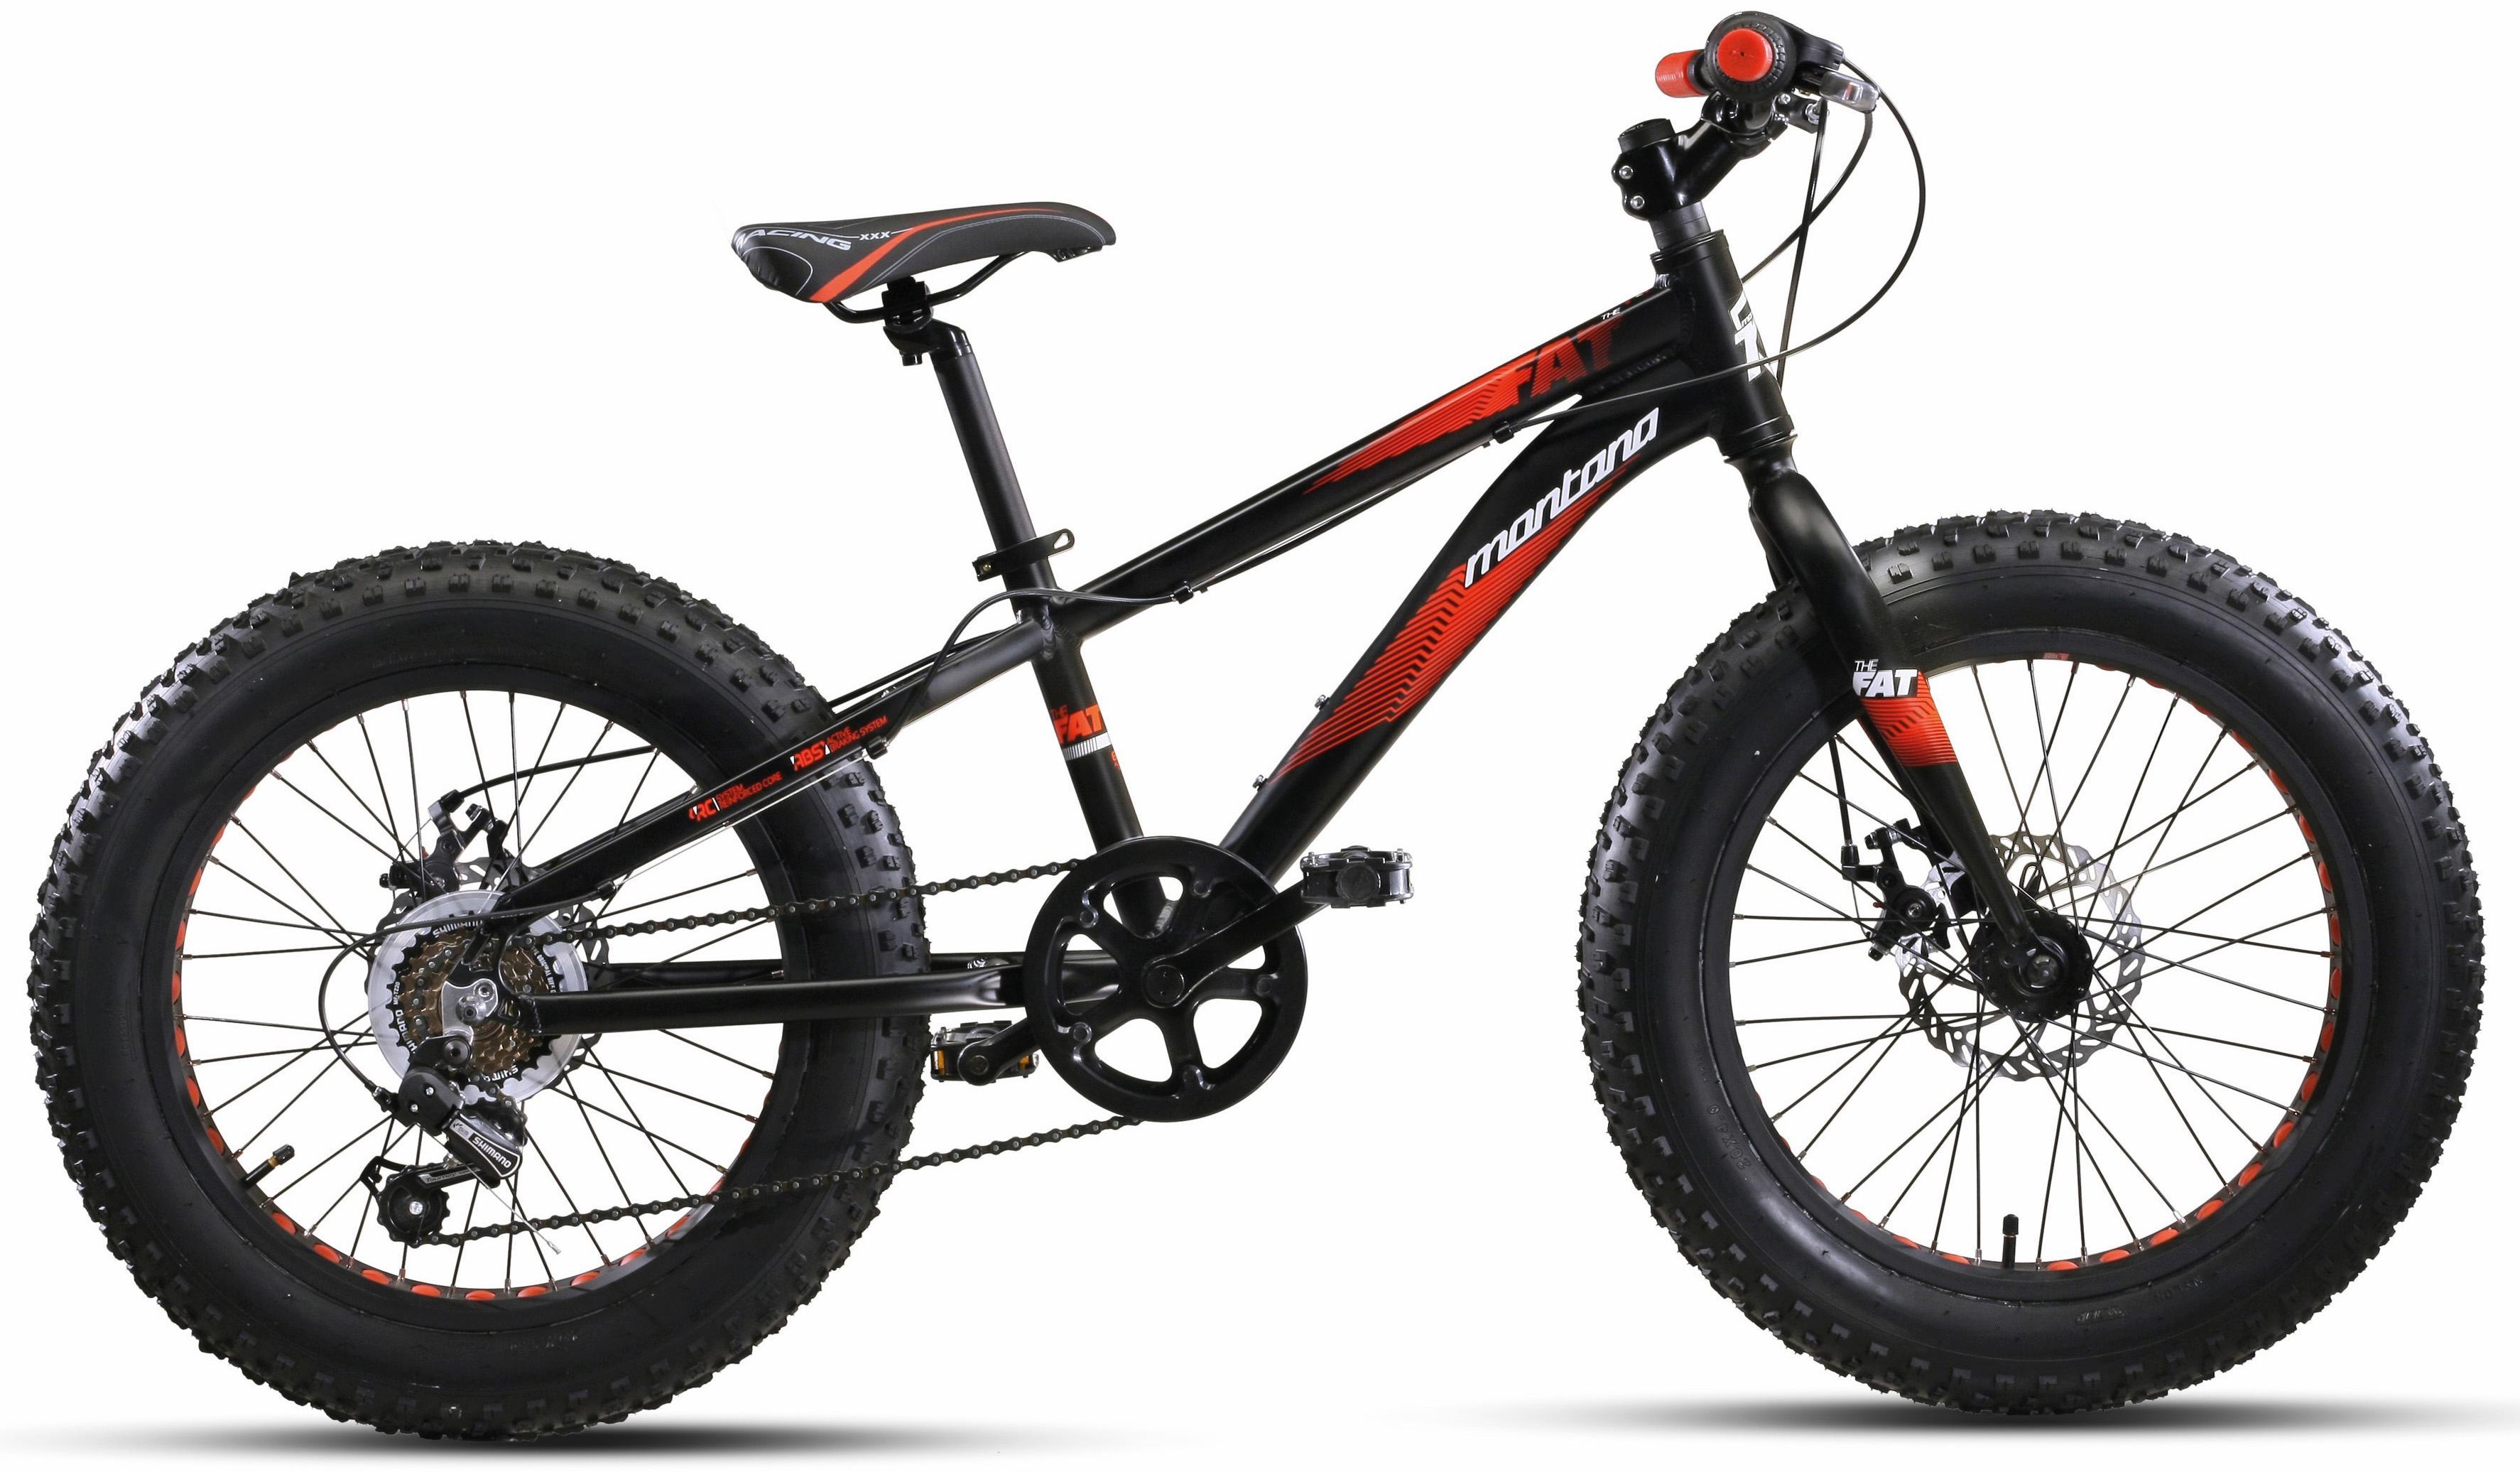 Montana Fahrräder Fatbike 20´´ FAT 6 Gang Shimano TY-21 Schaltwerk Kettenschaltung Preisvergleich